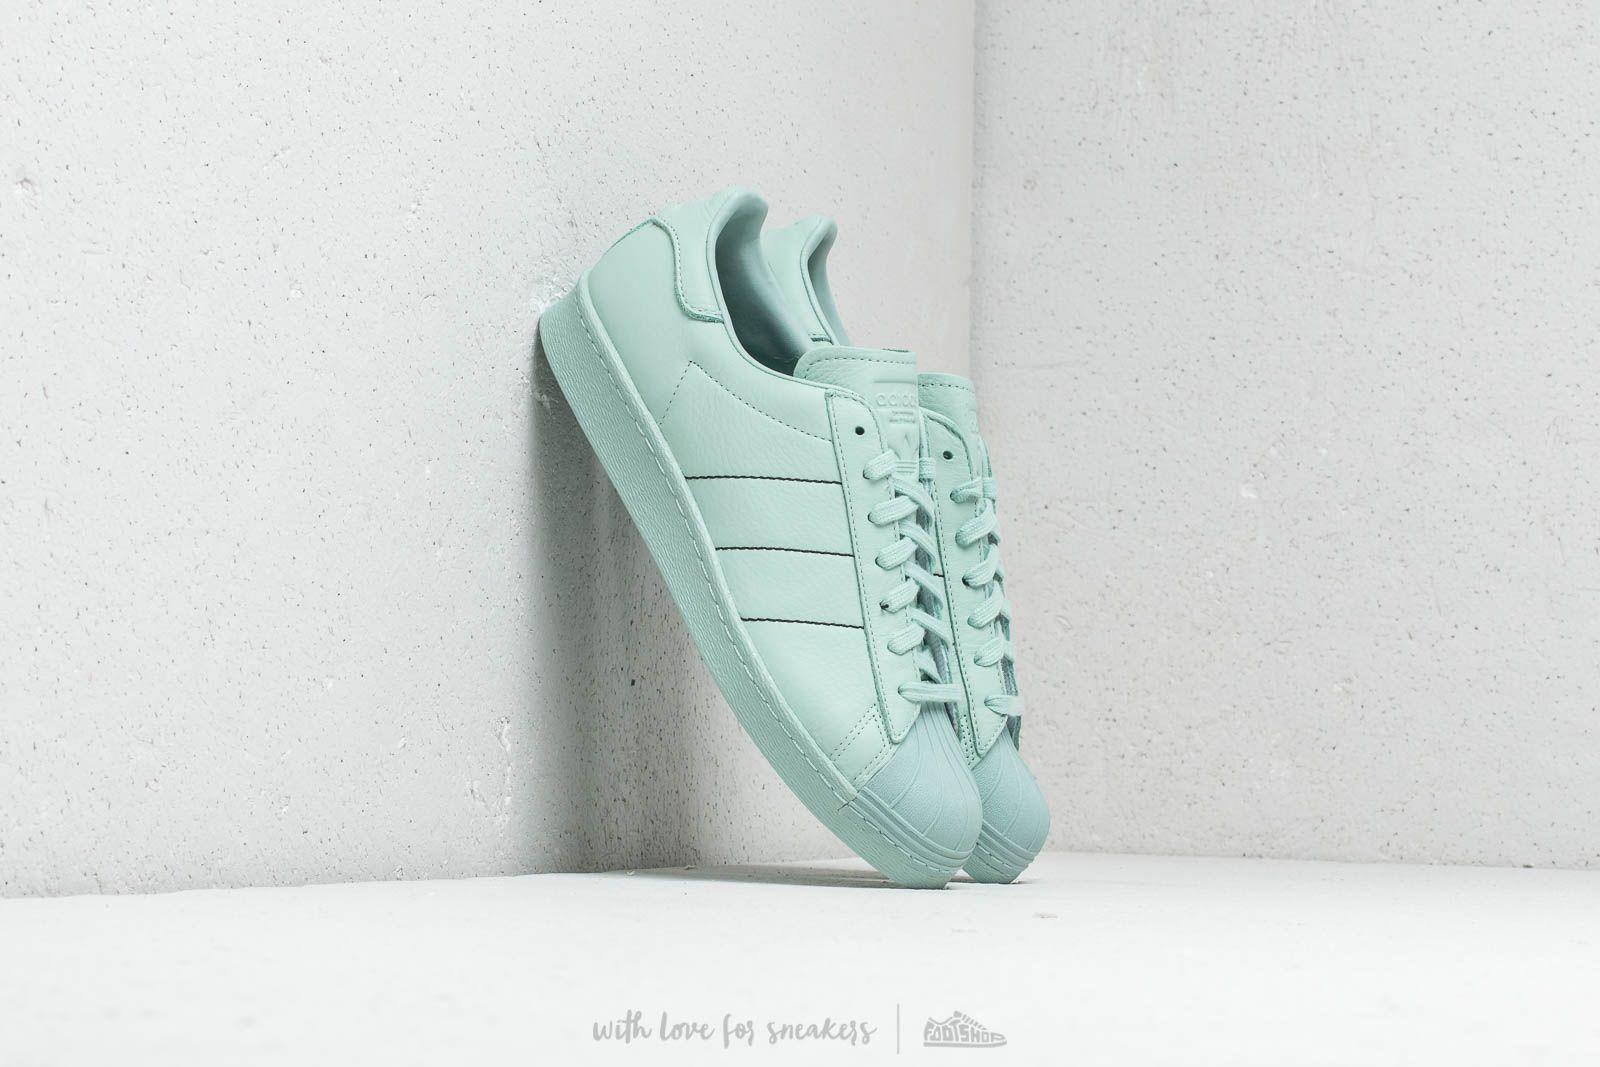 adidas Superstar 80s Ash Green/ Ash Green/ Ash Green za skvelú cenu 77 € kúpite na Footshop.sk